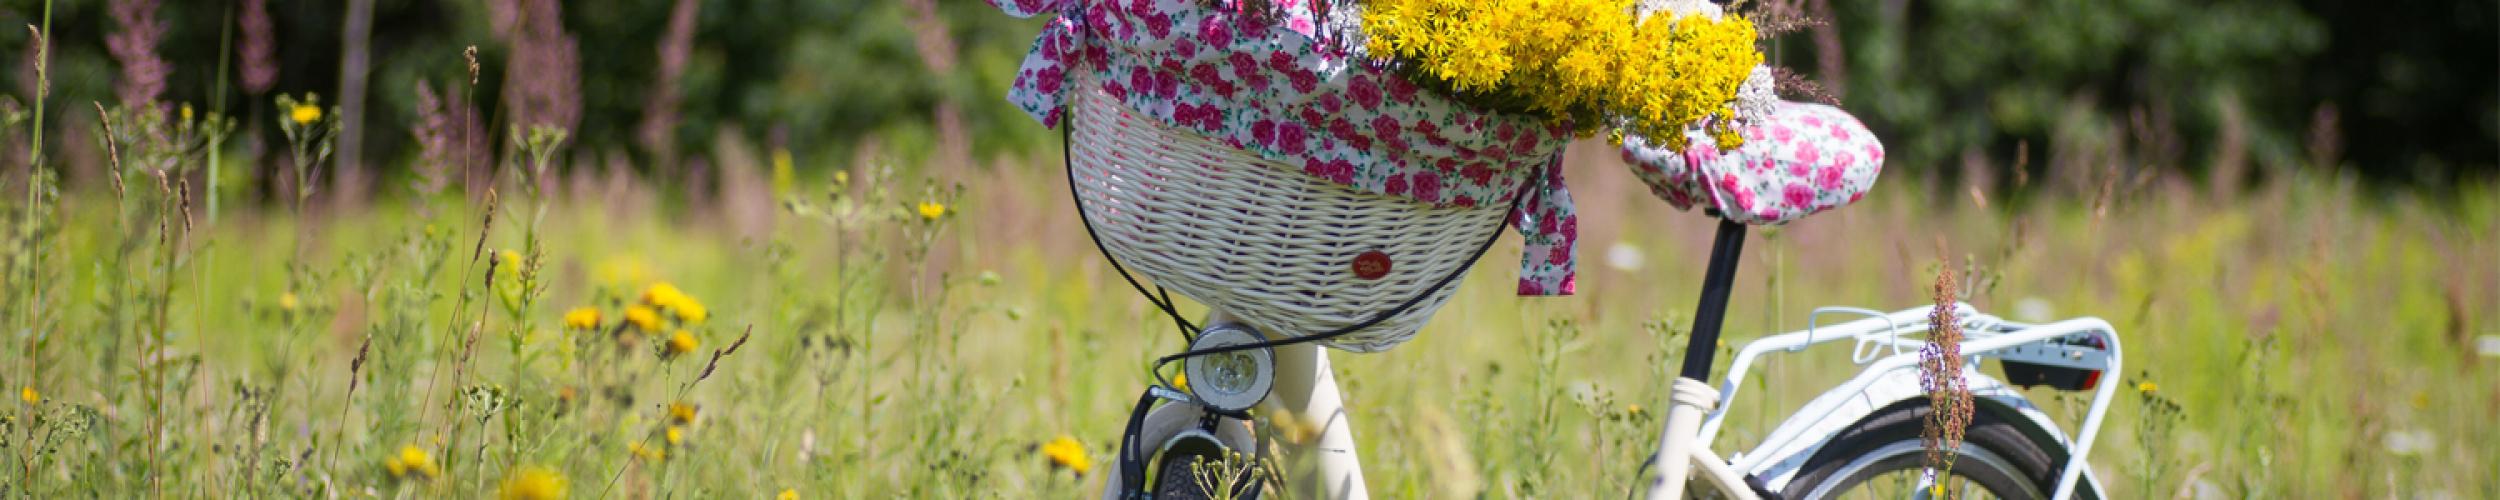 Kom tot rust tijdens een ontspannen fietstocht doorheen prachtige natuur